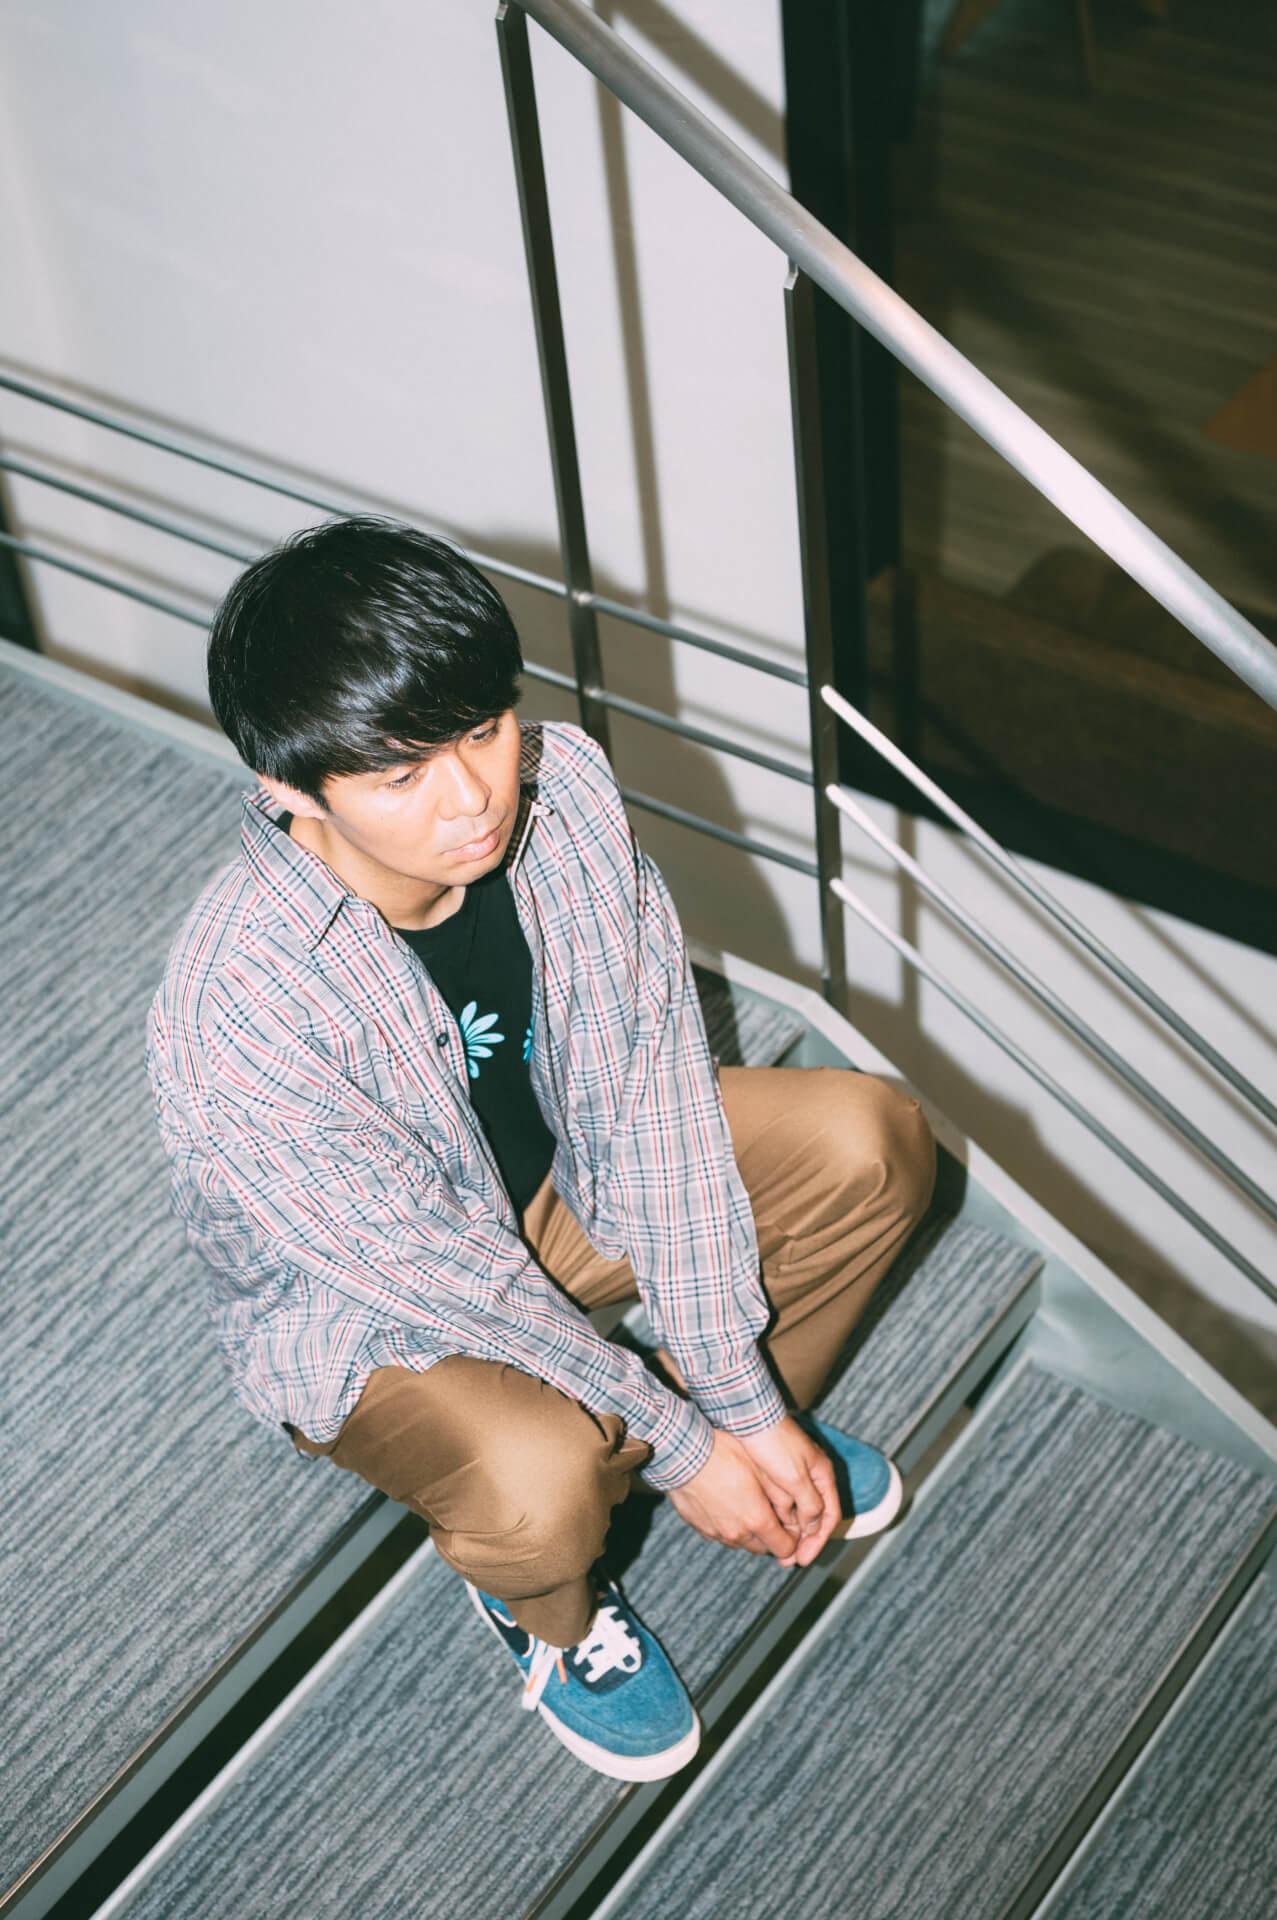 1人になったthe chef cooks me・下村亮介が辿り着いた先で見つけたバンドマジック interview1002_tccm_19